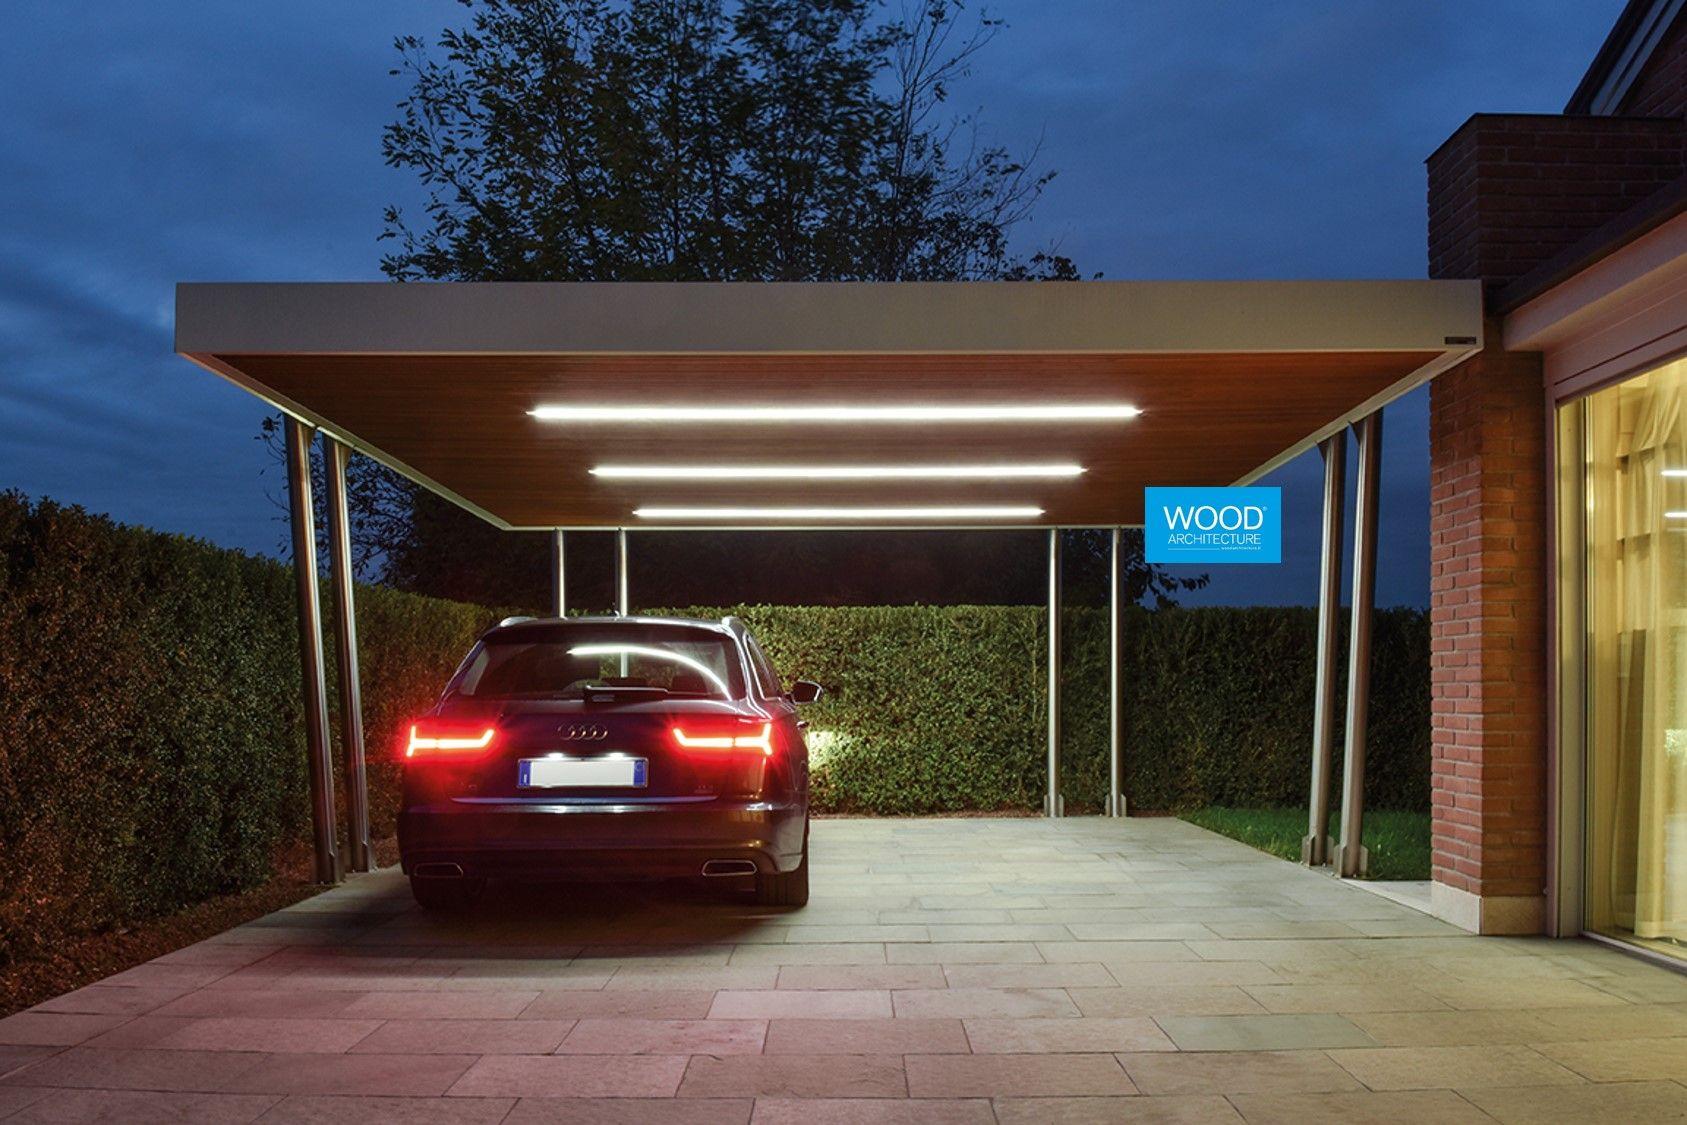 Luci Per Tettoia In Legno copertura retis auto per due posti auto, in abete lamellare